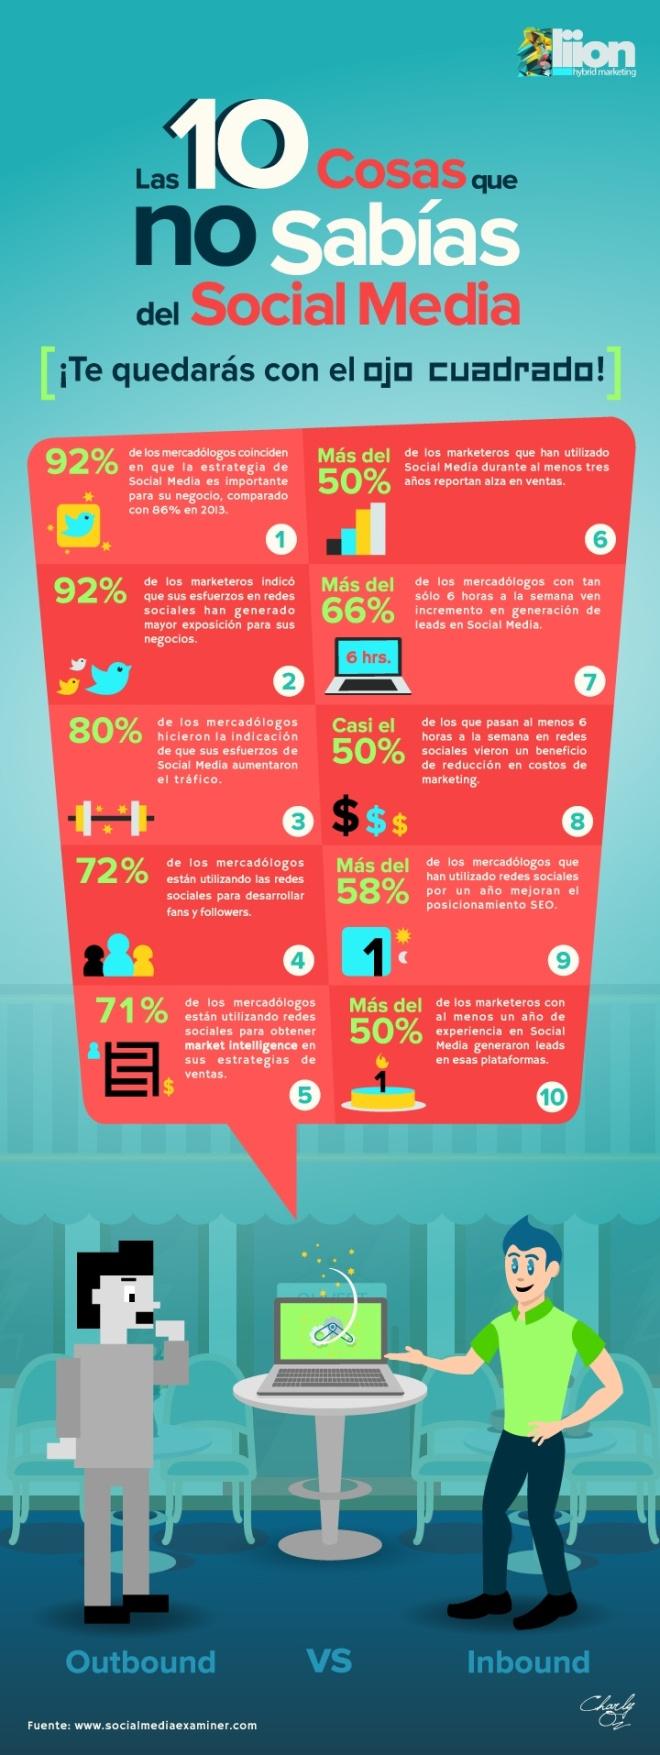 10 cosas que no sabías de Redes Sociales